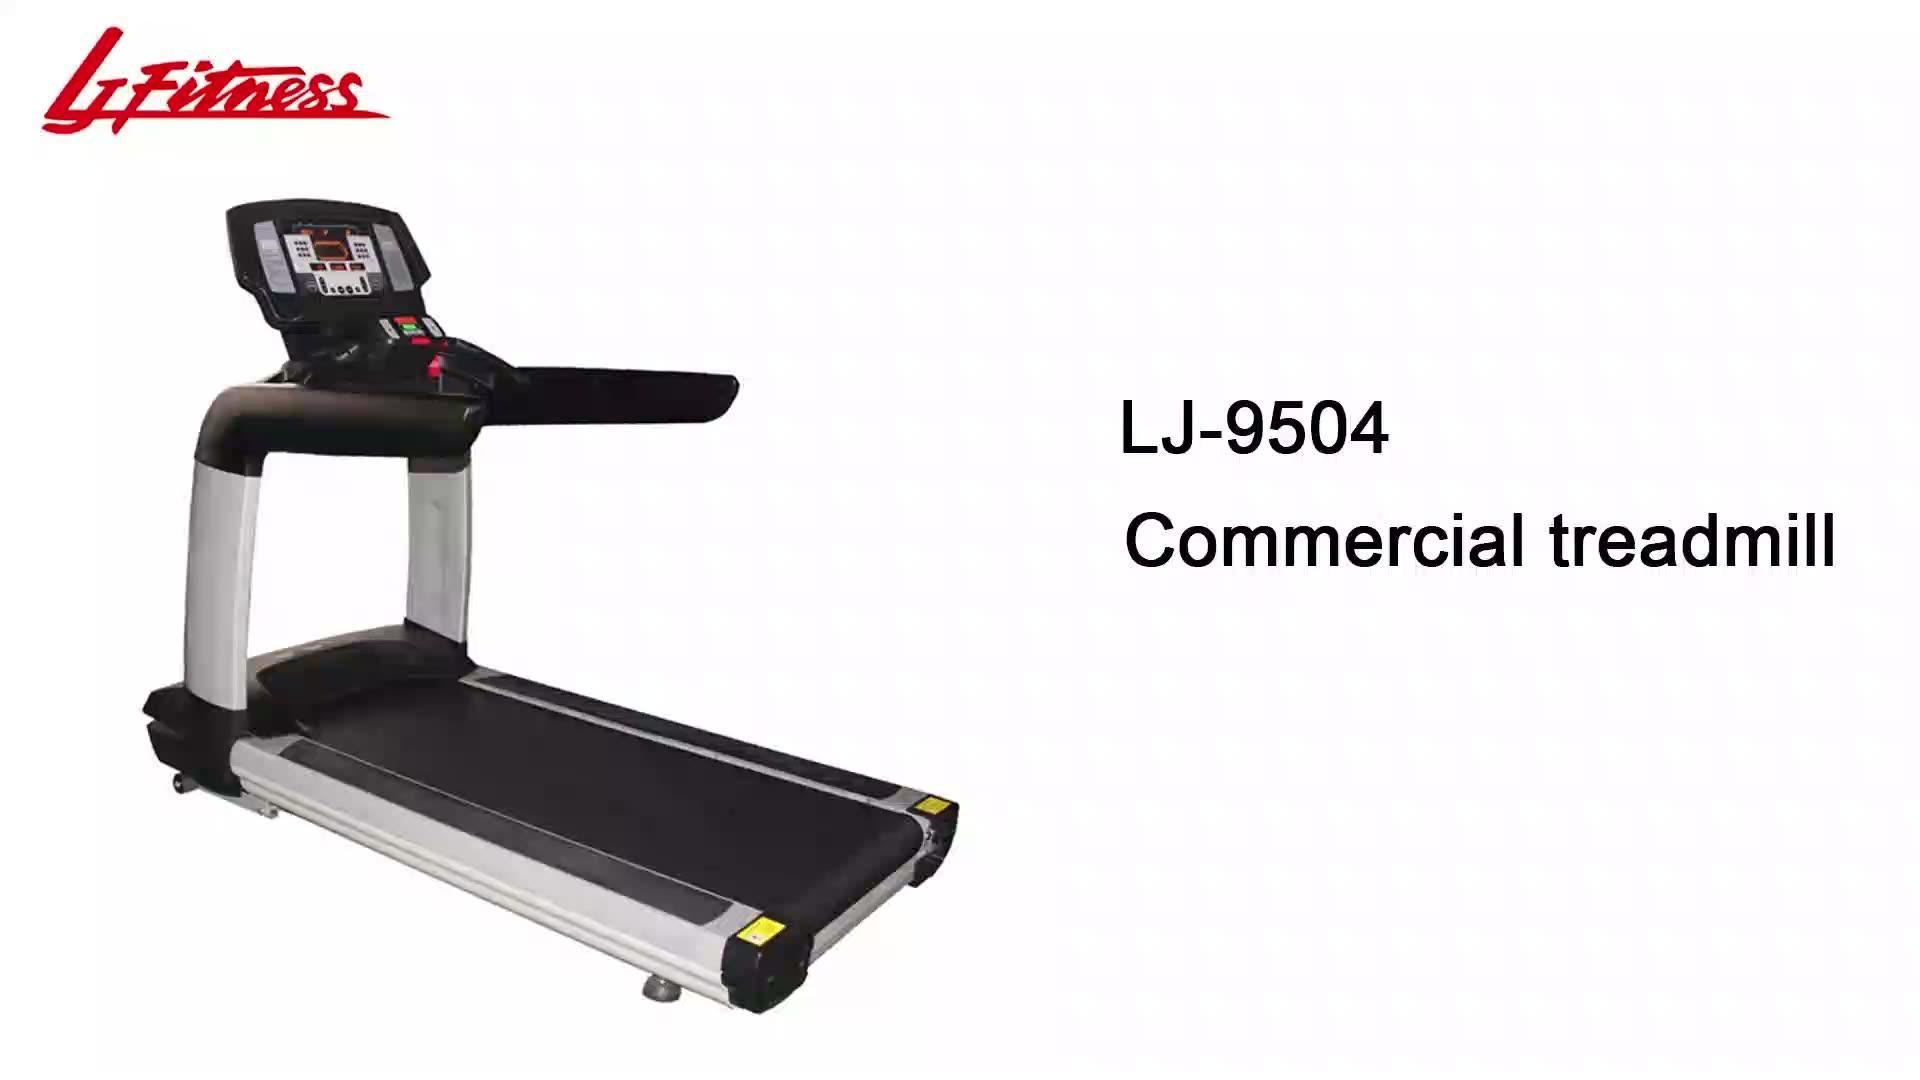 LJ-9504 Commercial treadmill